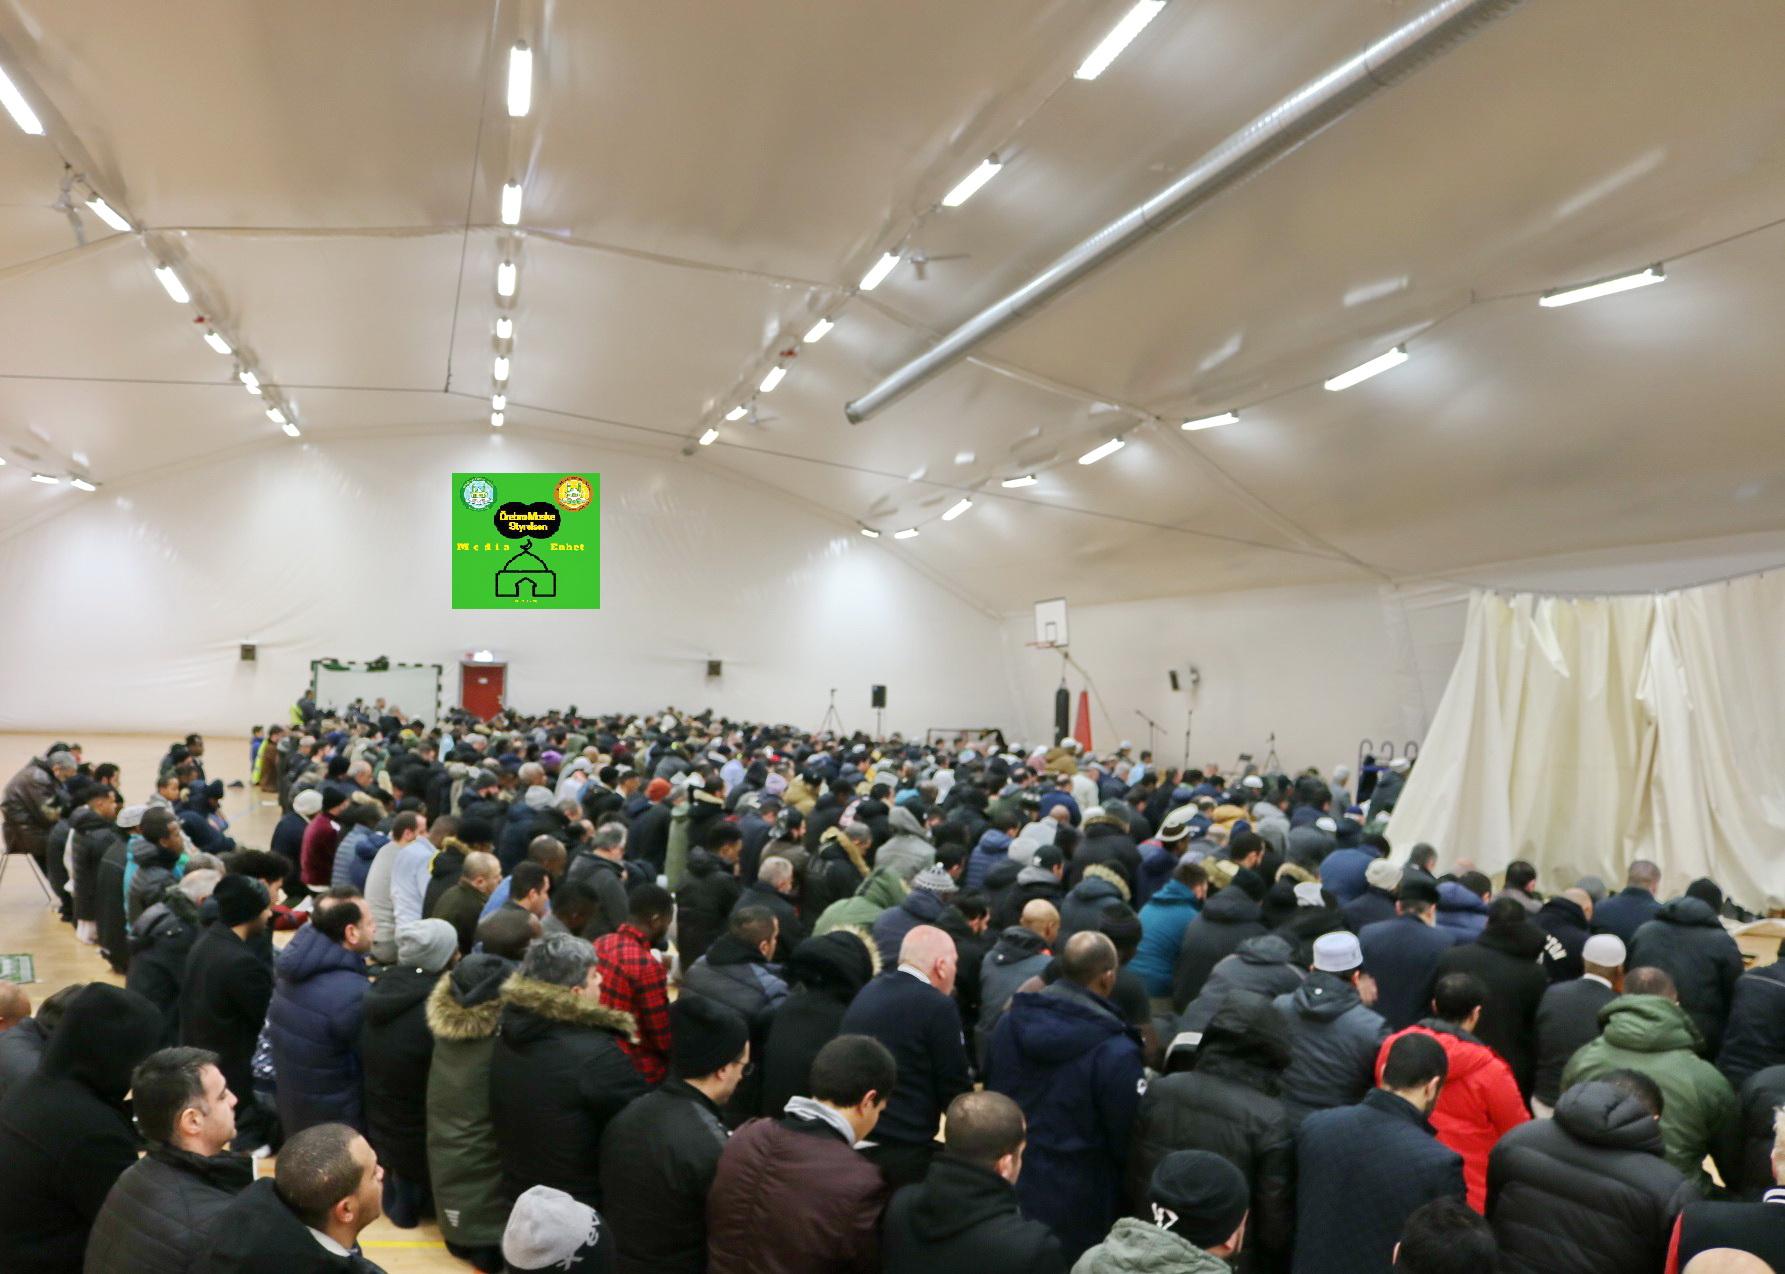 من هم السعداء *************************** 2019-02-08 *************************** Shikh Abu Husam Hariri *************************** Friday Bön - Friday Prayers صلاة الجمعة *************************** FILMED ON LOCATION *************************** Ballonghallen i Örebro